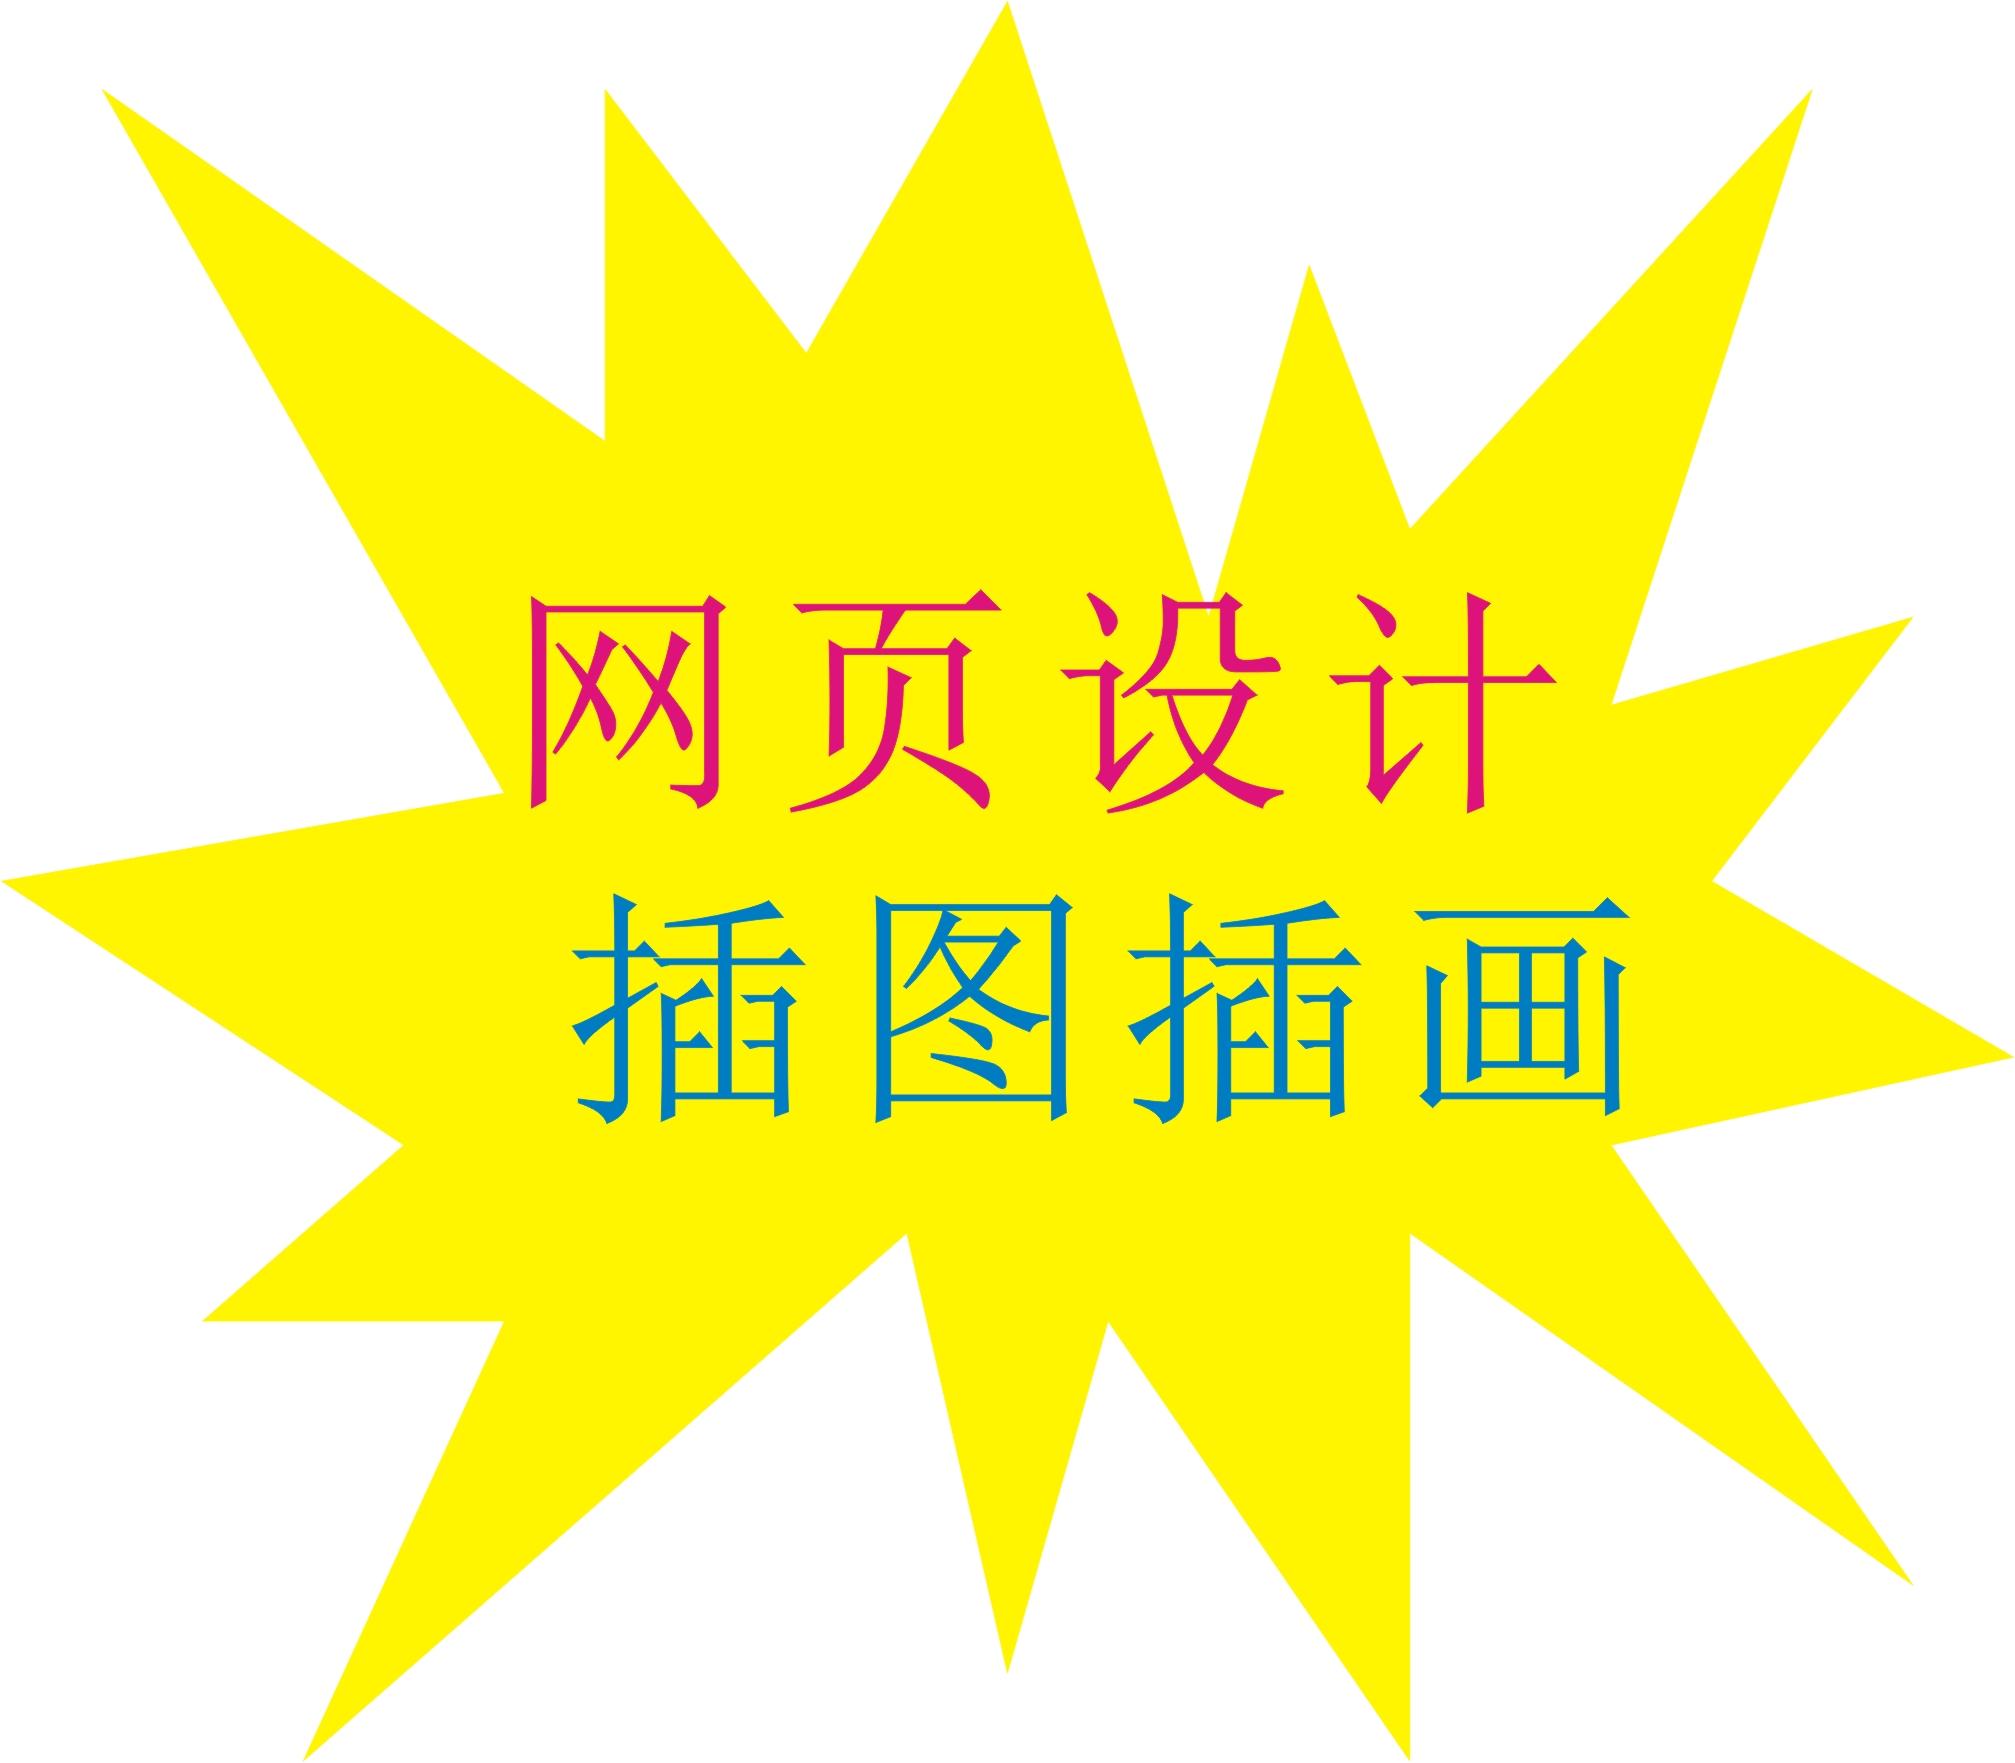 网页设计 广告 名片 画册 海报 产品说明的 插图 插画 设计